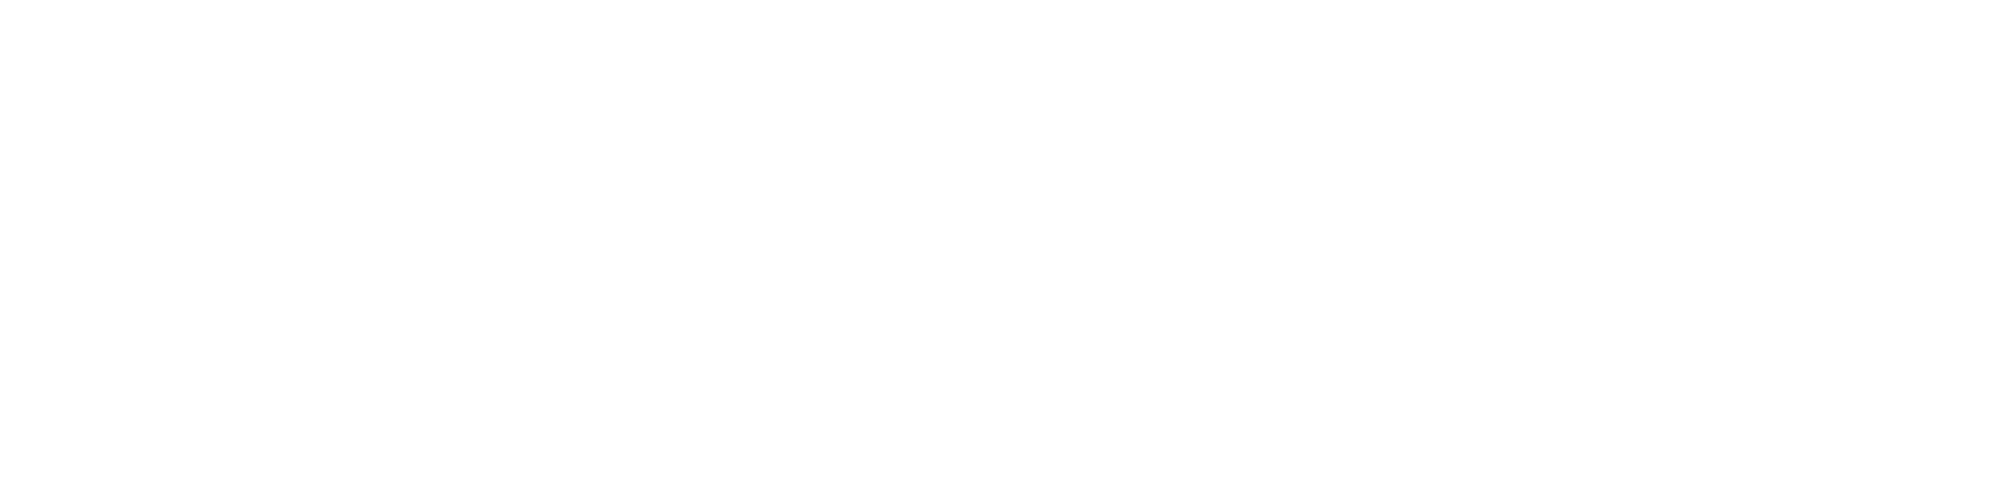 AMD_Logo_White.png